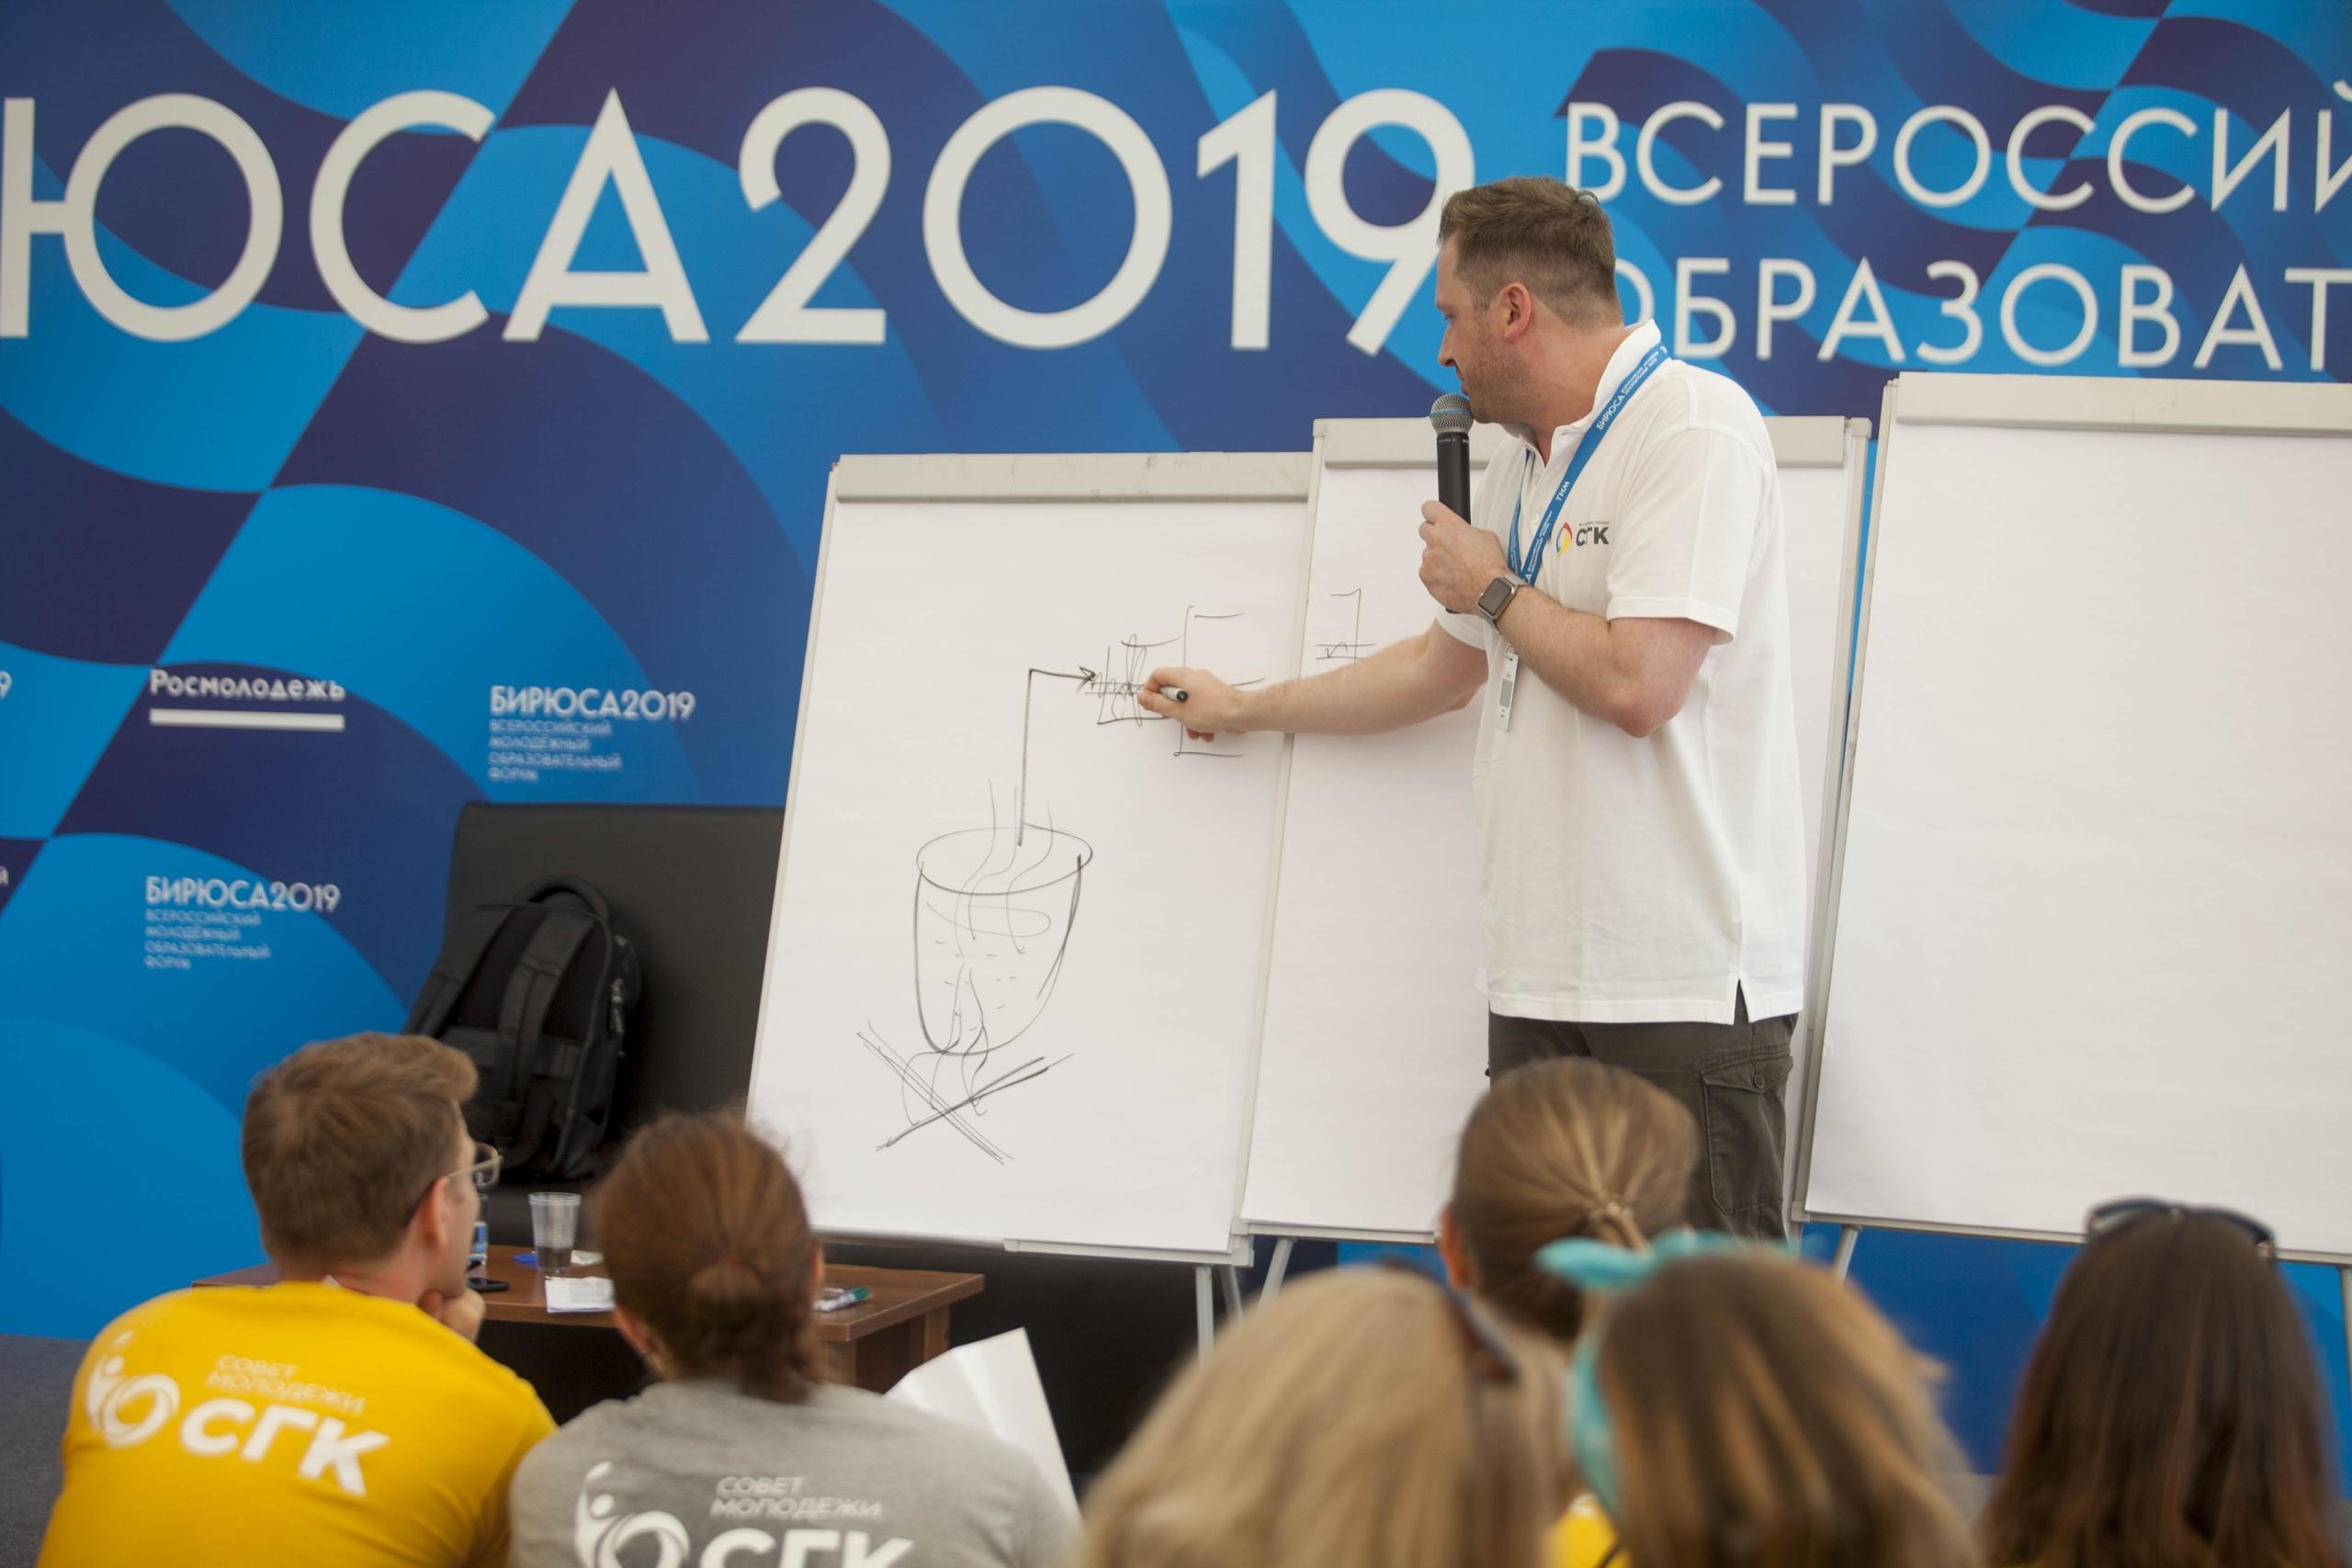 ектор по экономике СГК Павел Барило изобразил котёл на ТЭЦ :)